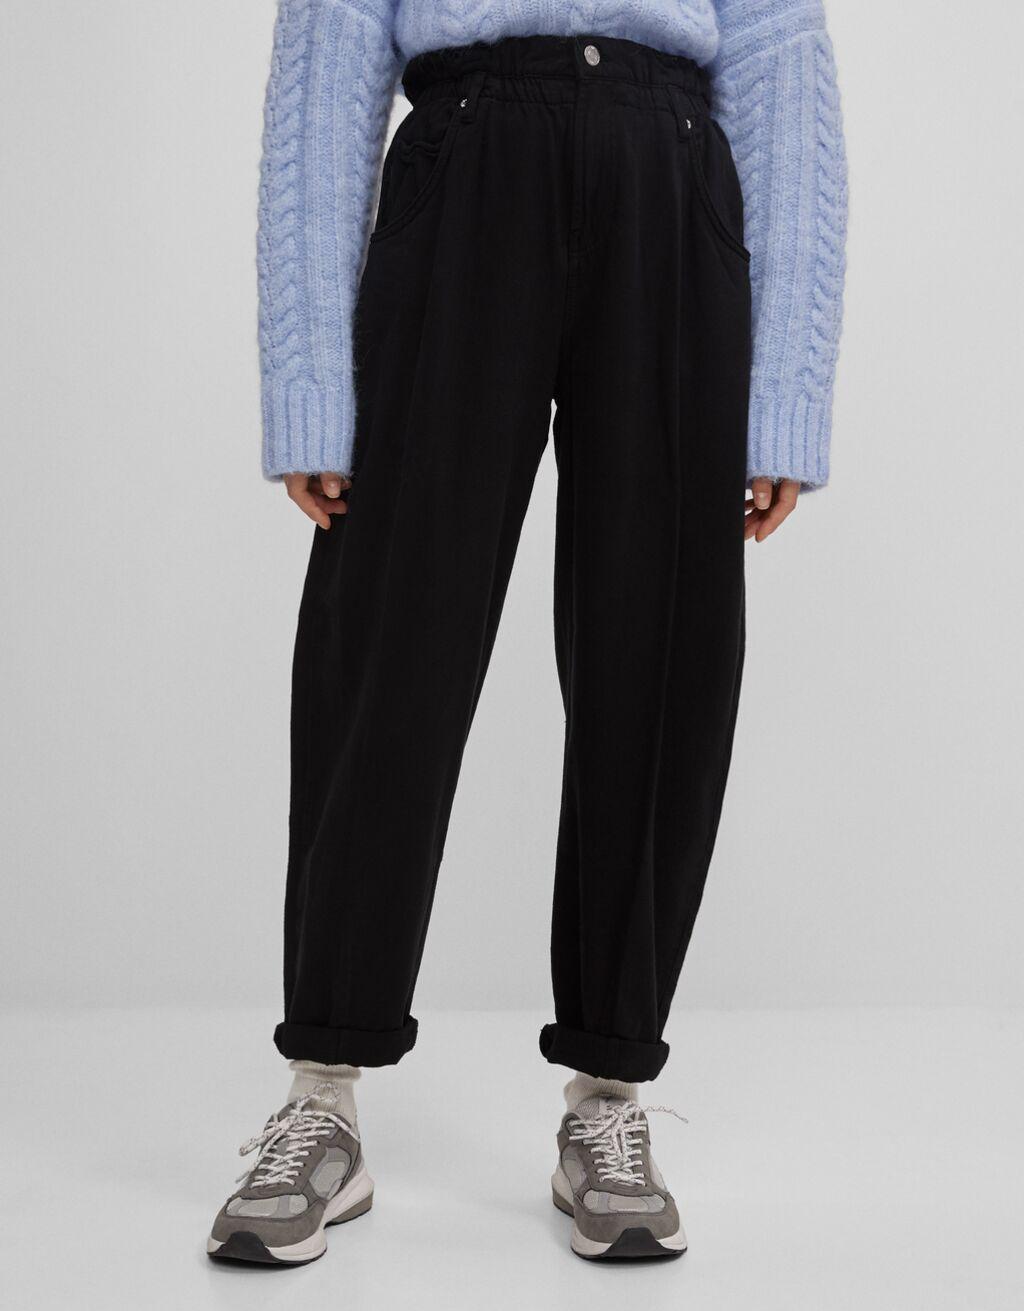 Pantalón Slouchy con cintura elástica